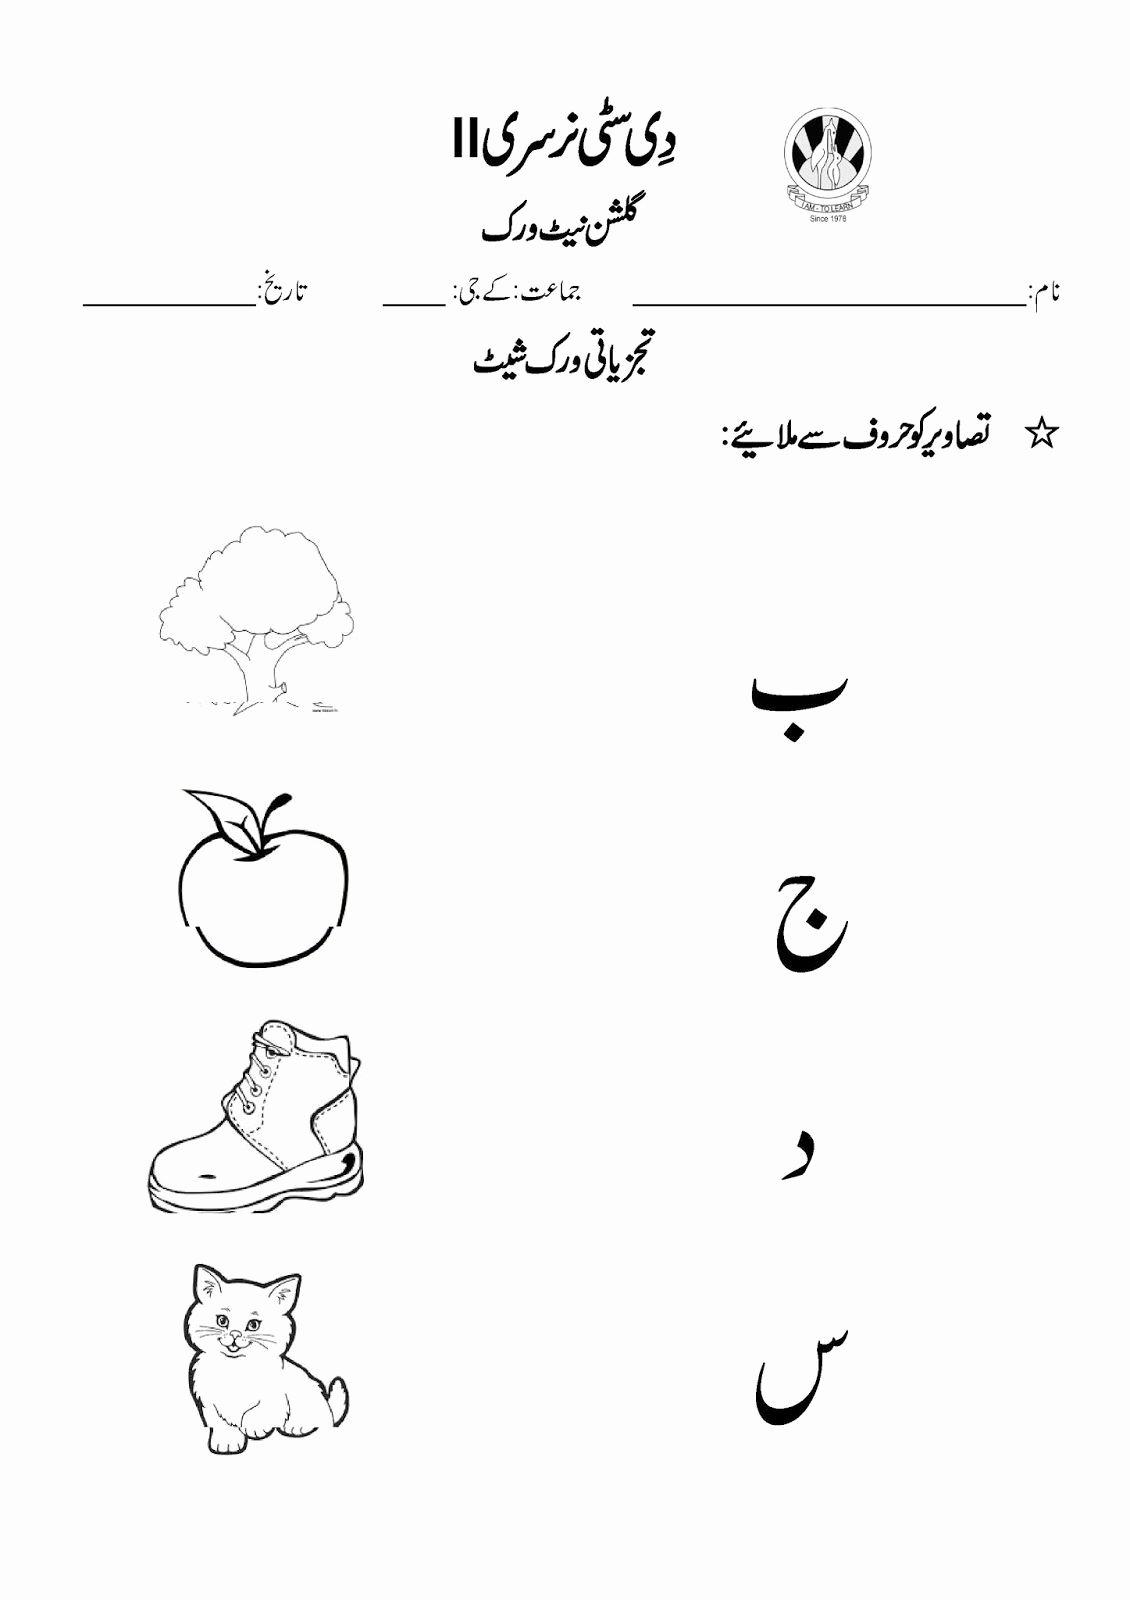 Urdu Worksheets for Preschoolers Inspirational Urdu Alphabets Worksheets for Nursery